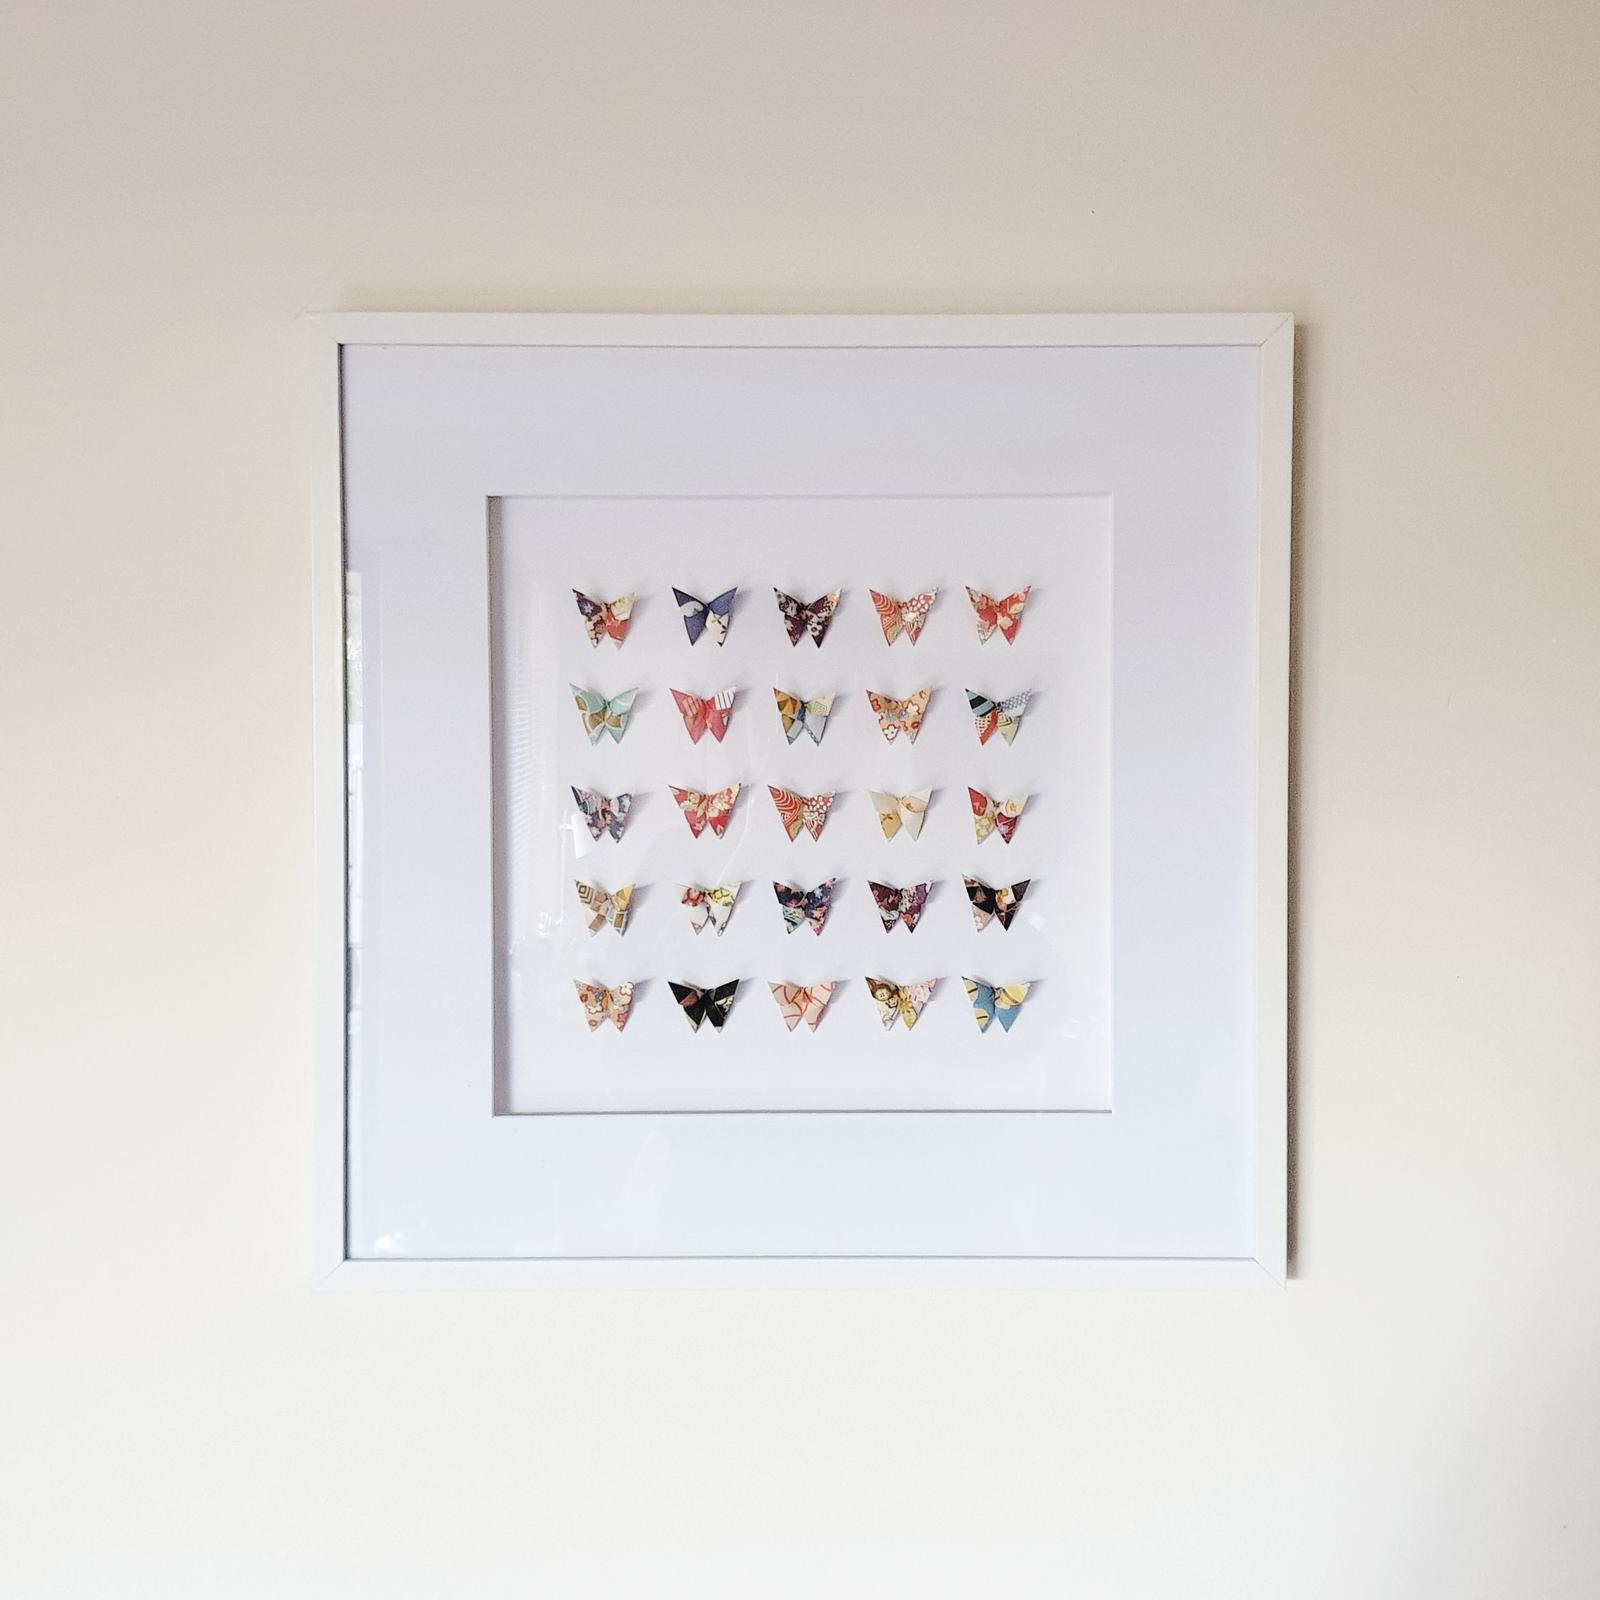 Framed Handmade Origami